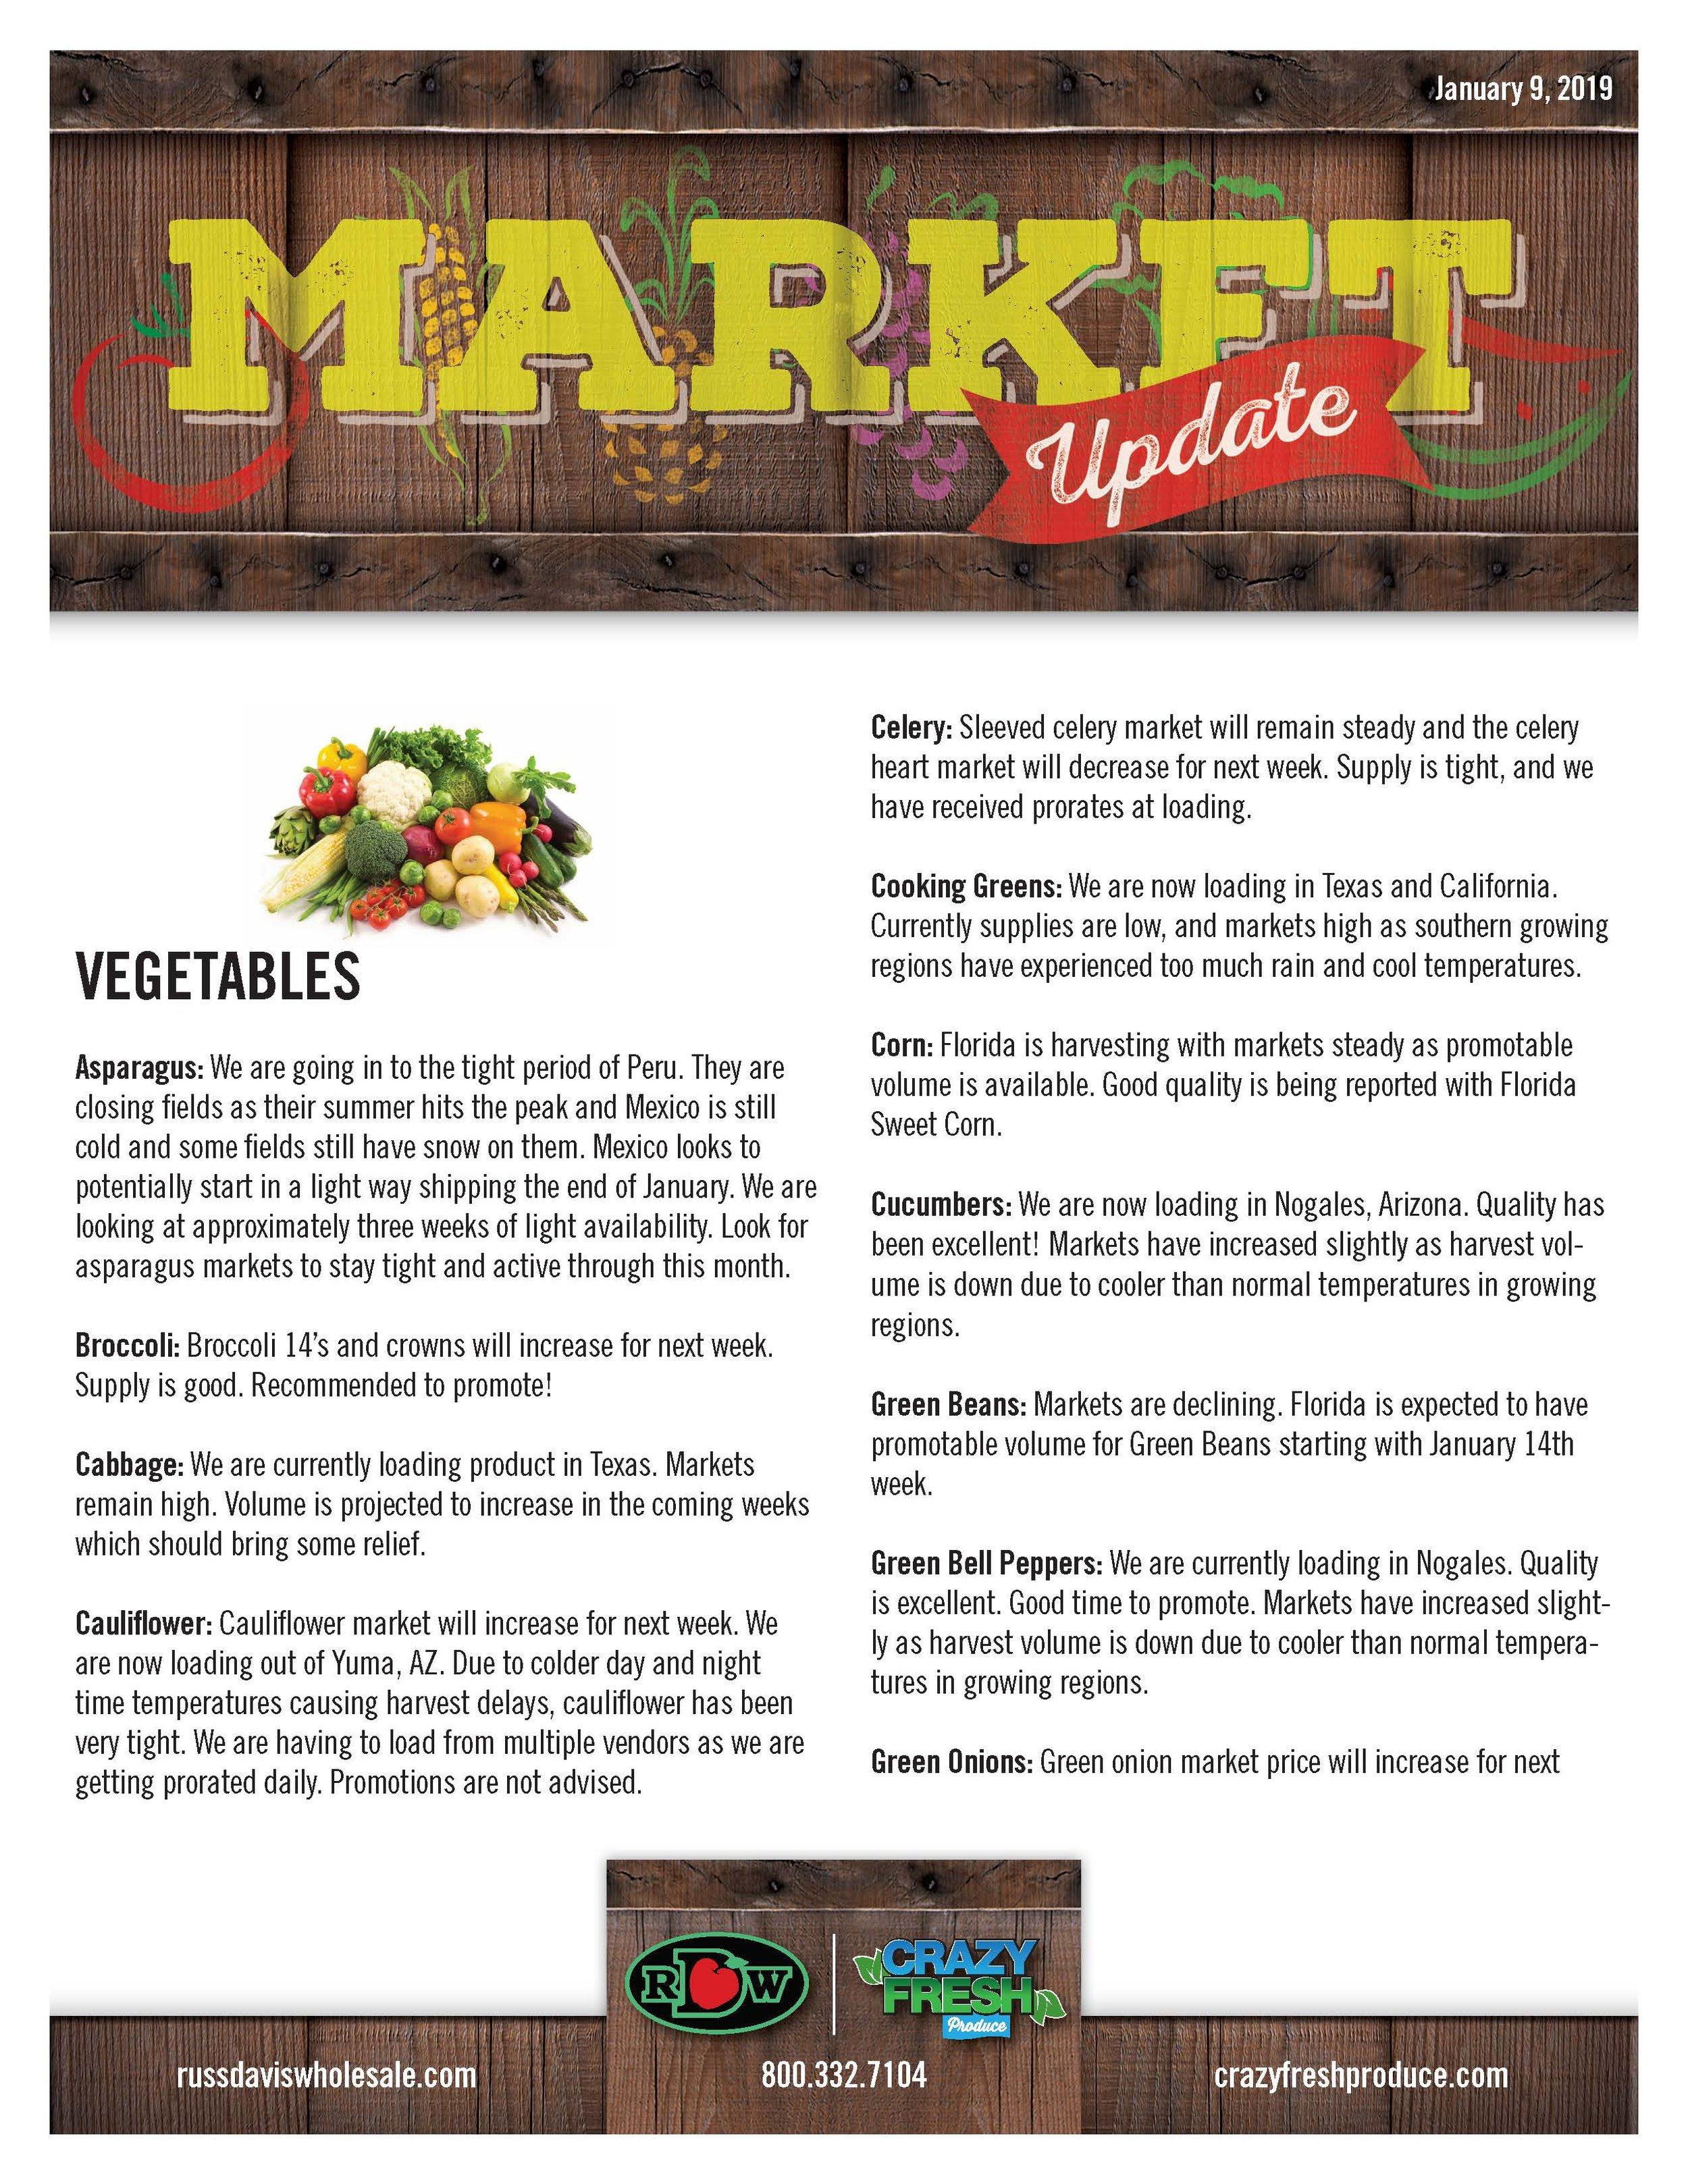 RDW_Market_Update_Jan9_19_Page_1.jpg